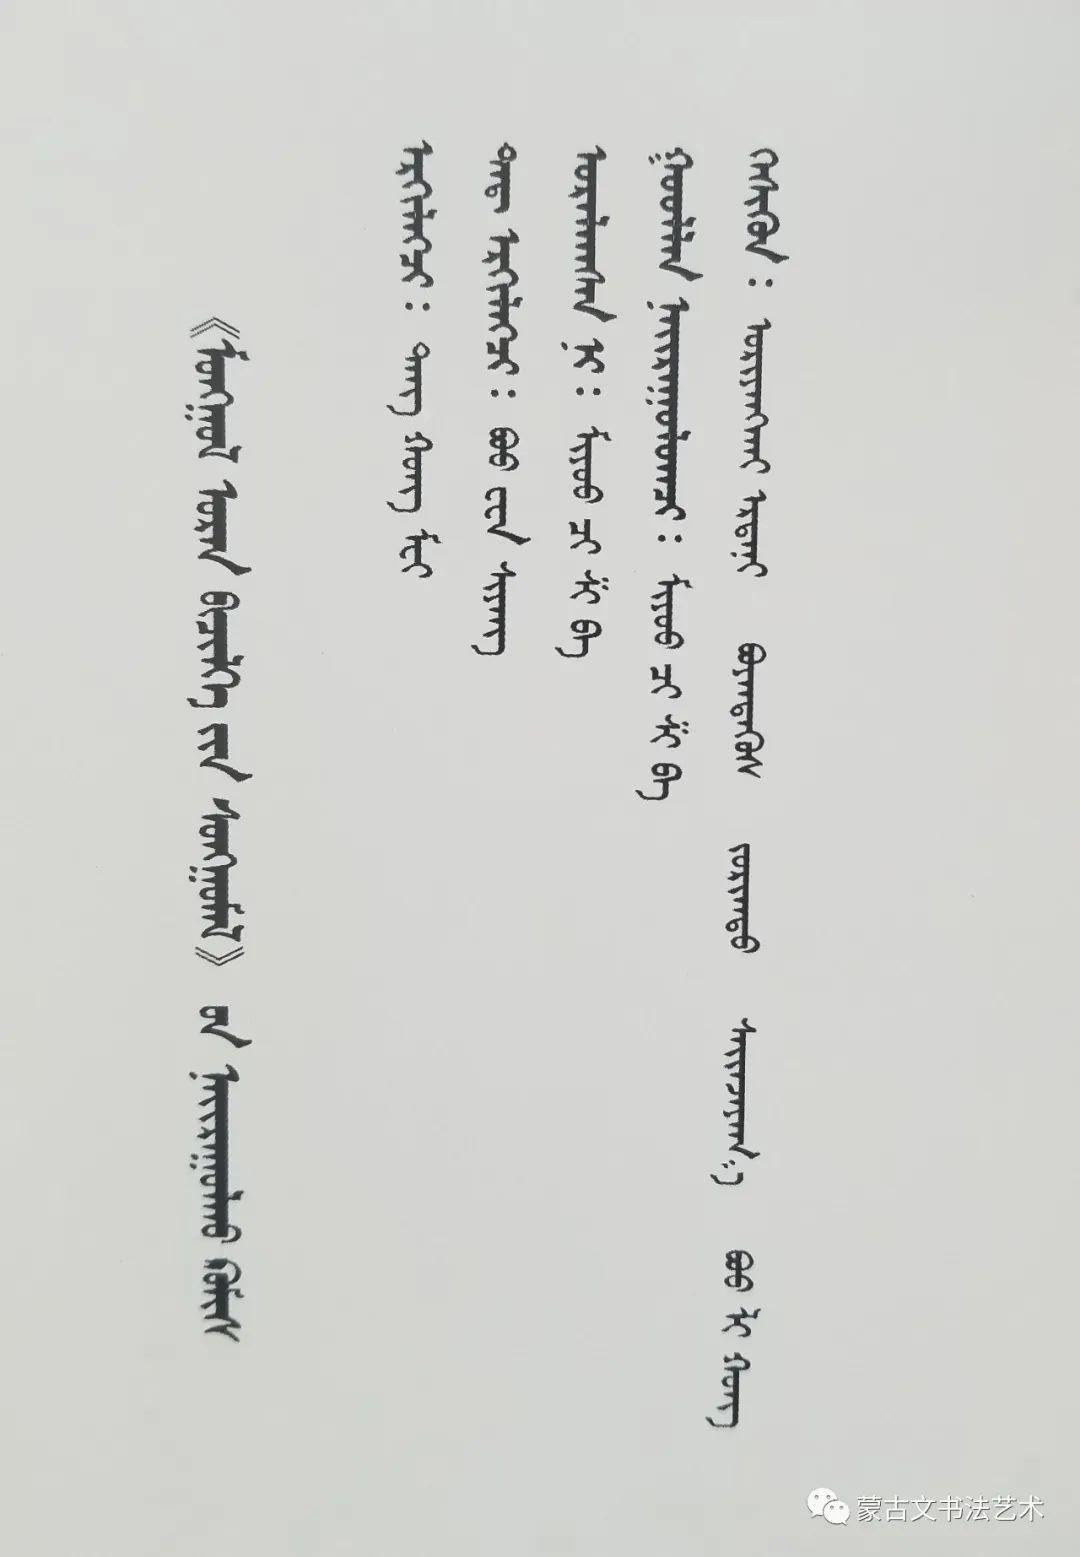 蒙古文书法作品集 第4张 蒙古文书法作品集 蒙古书法